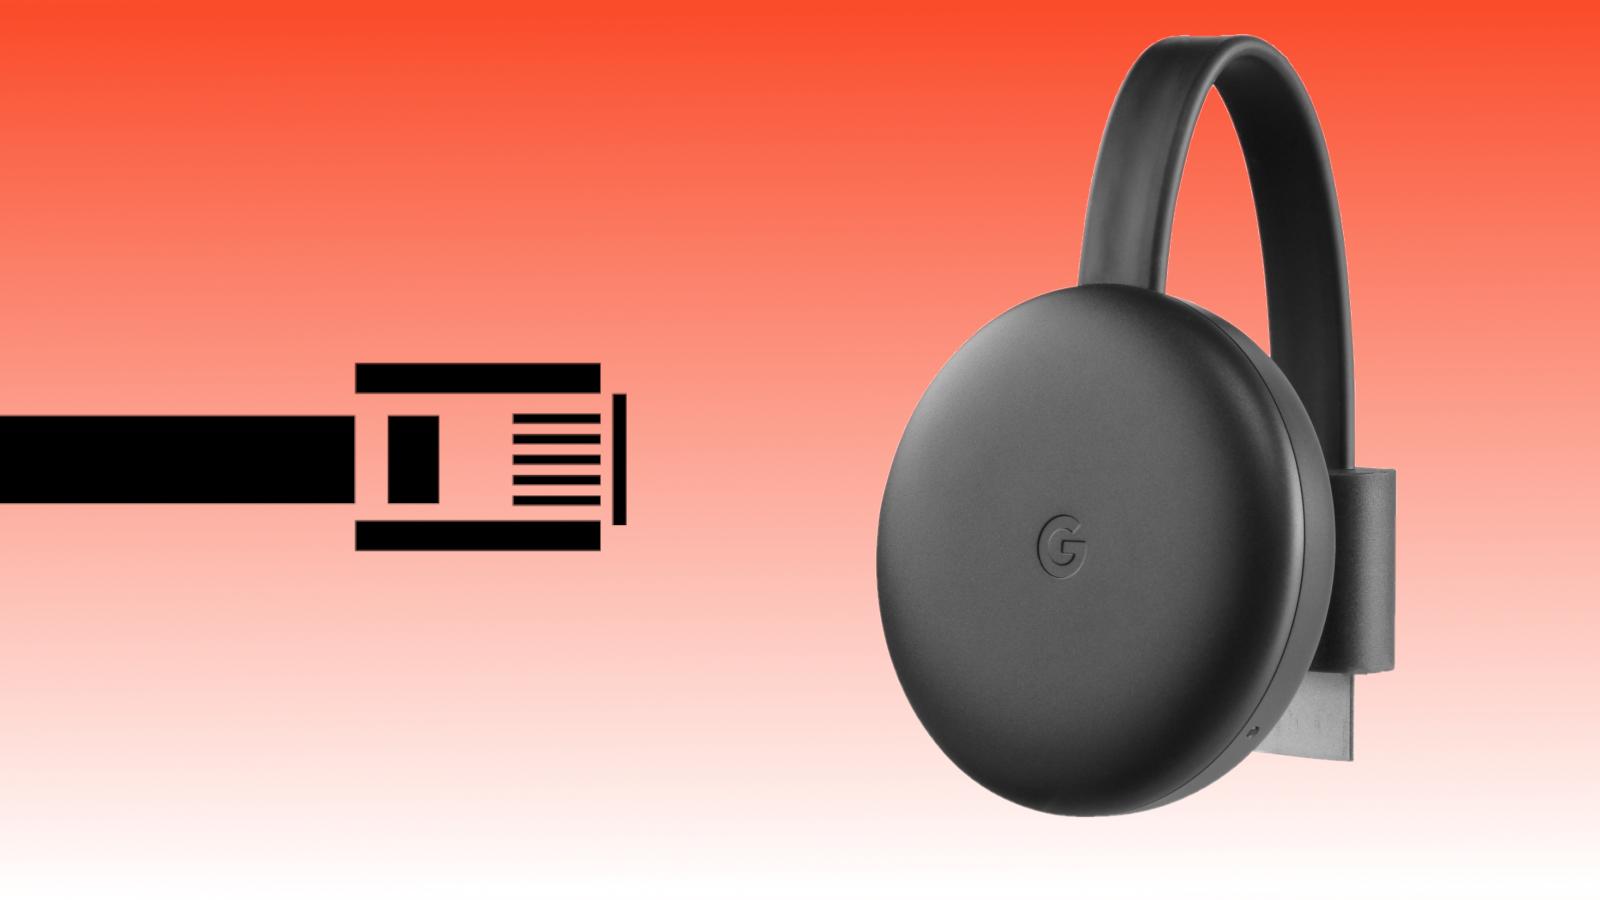 Tìm hiểu cách sử dụng Chromecast mà không cần Wi-Fi 3